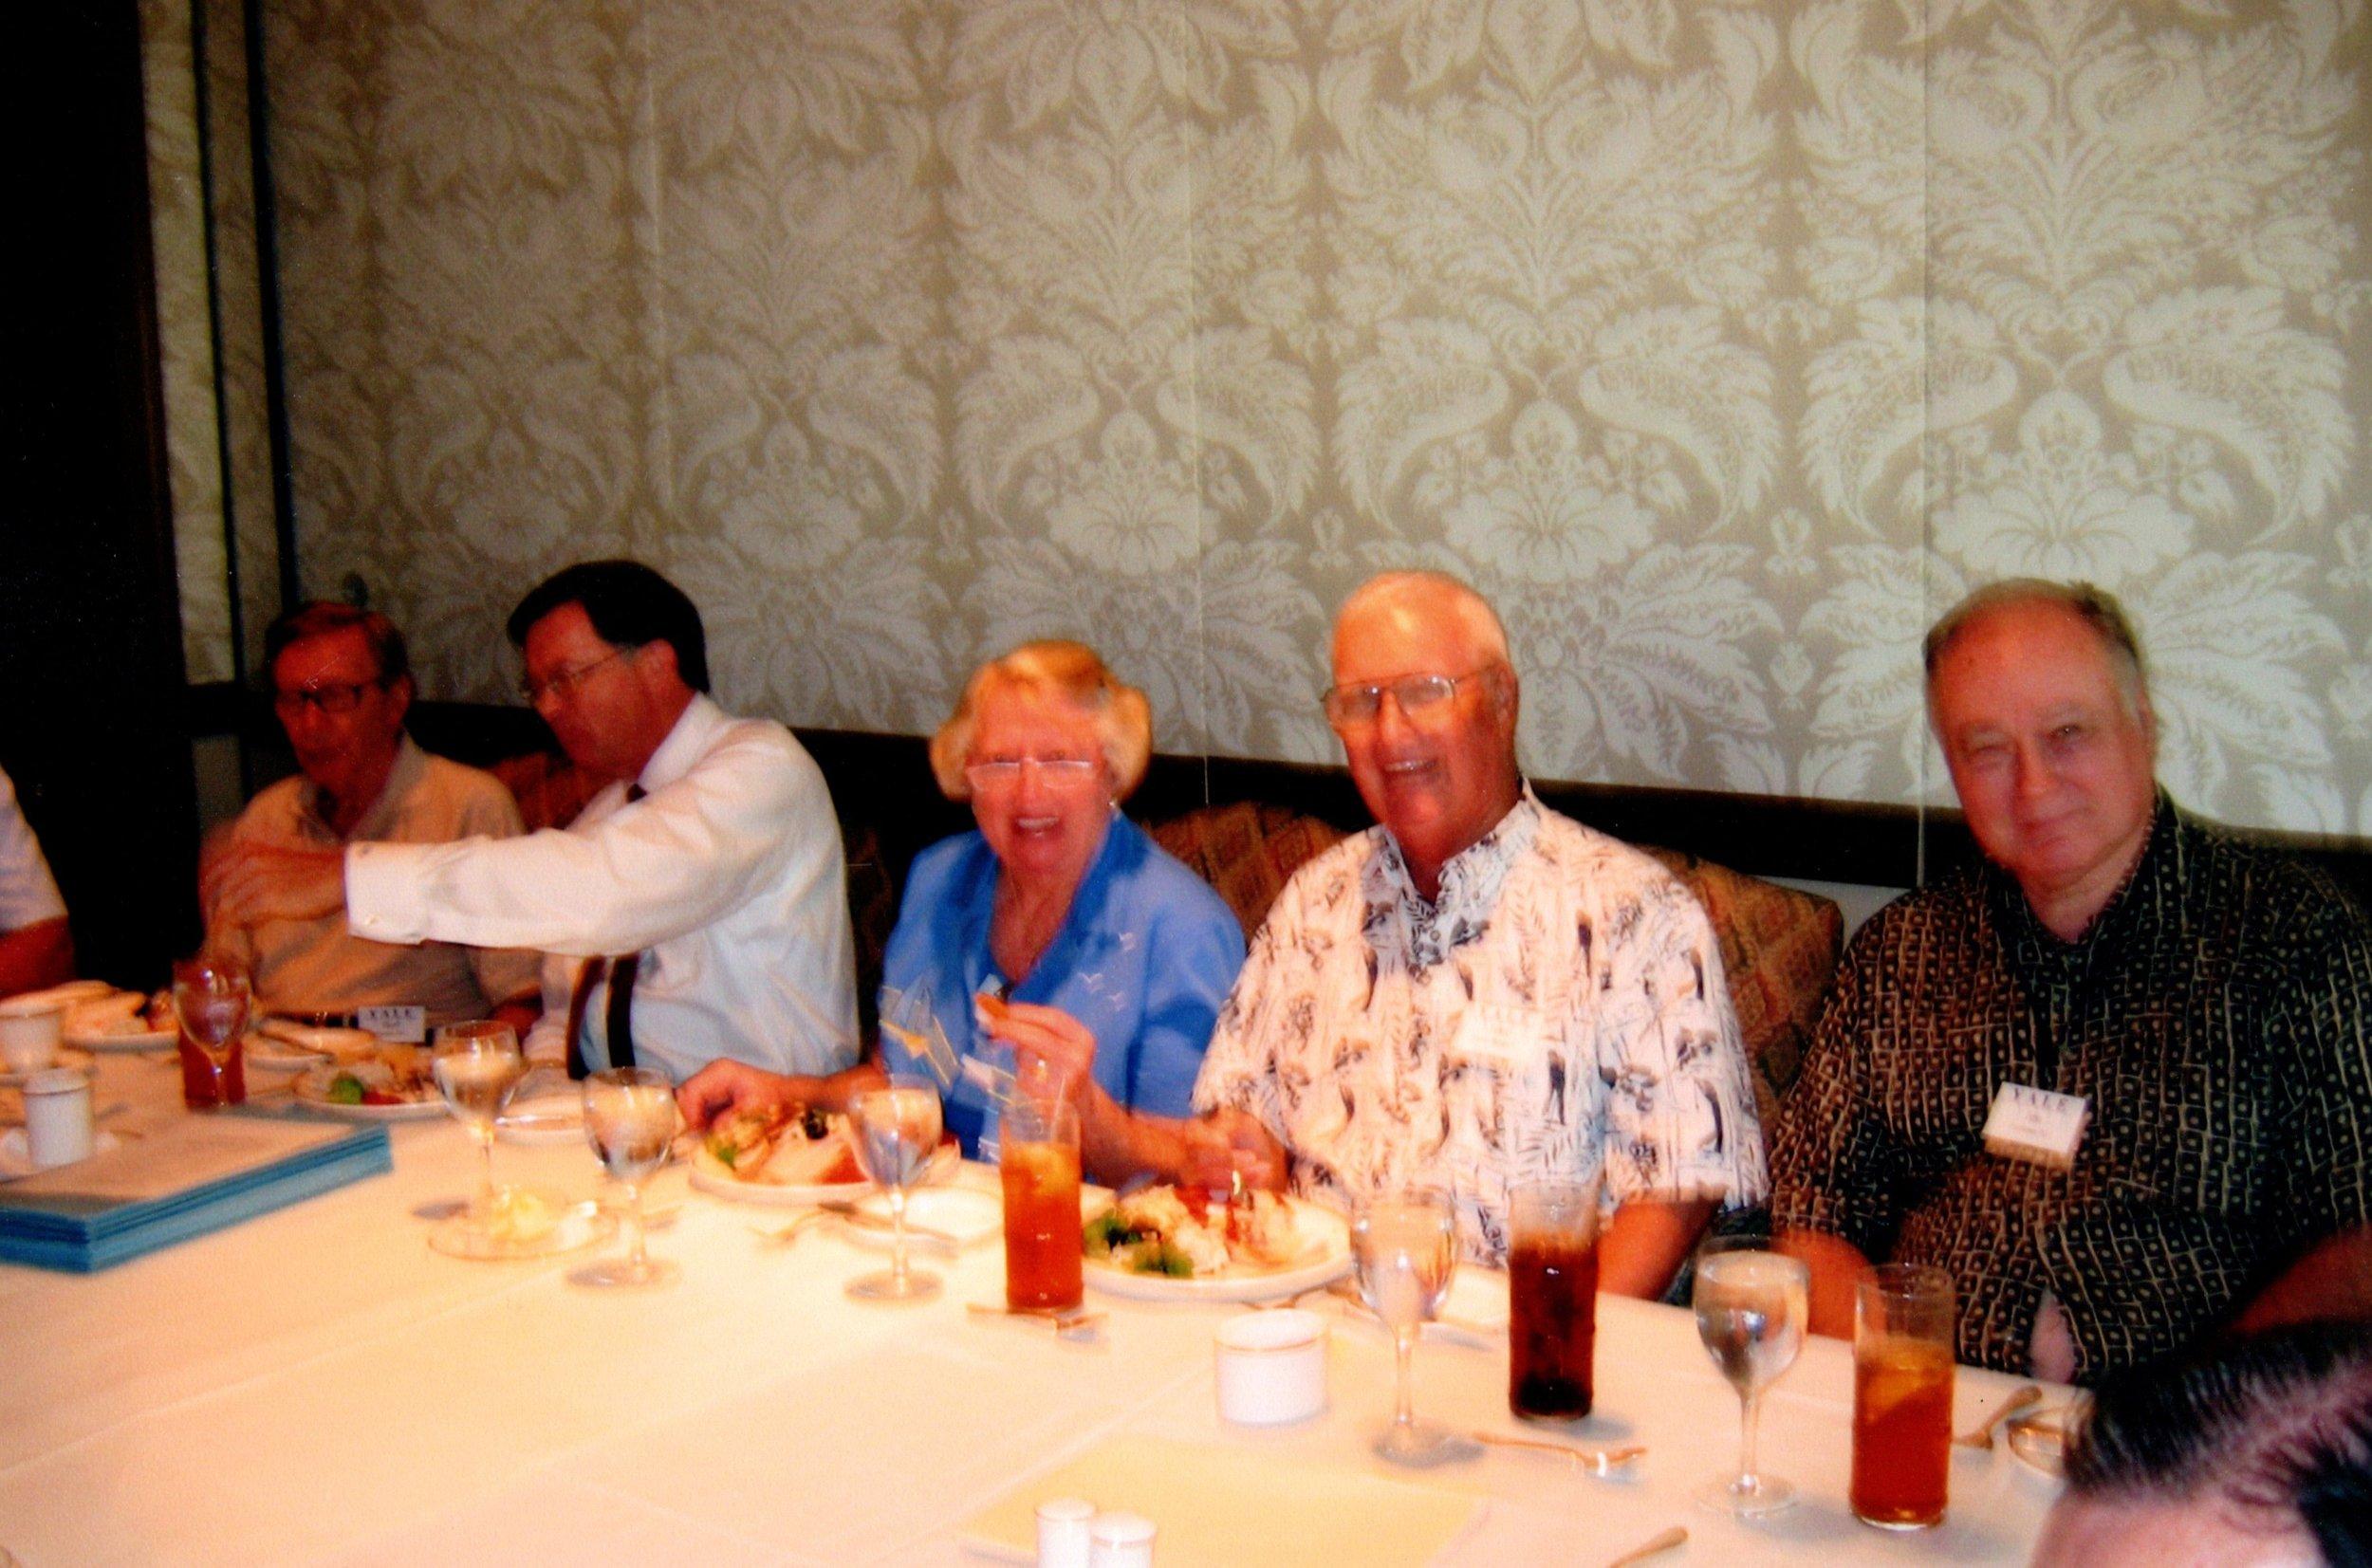 11_11_2004 - ANNUAL MEETING OF MEMBERS - NAPLES YACHT CLUB 16.jpg